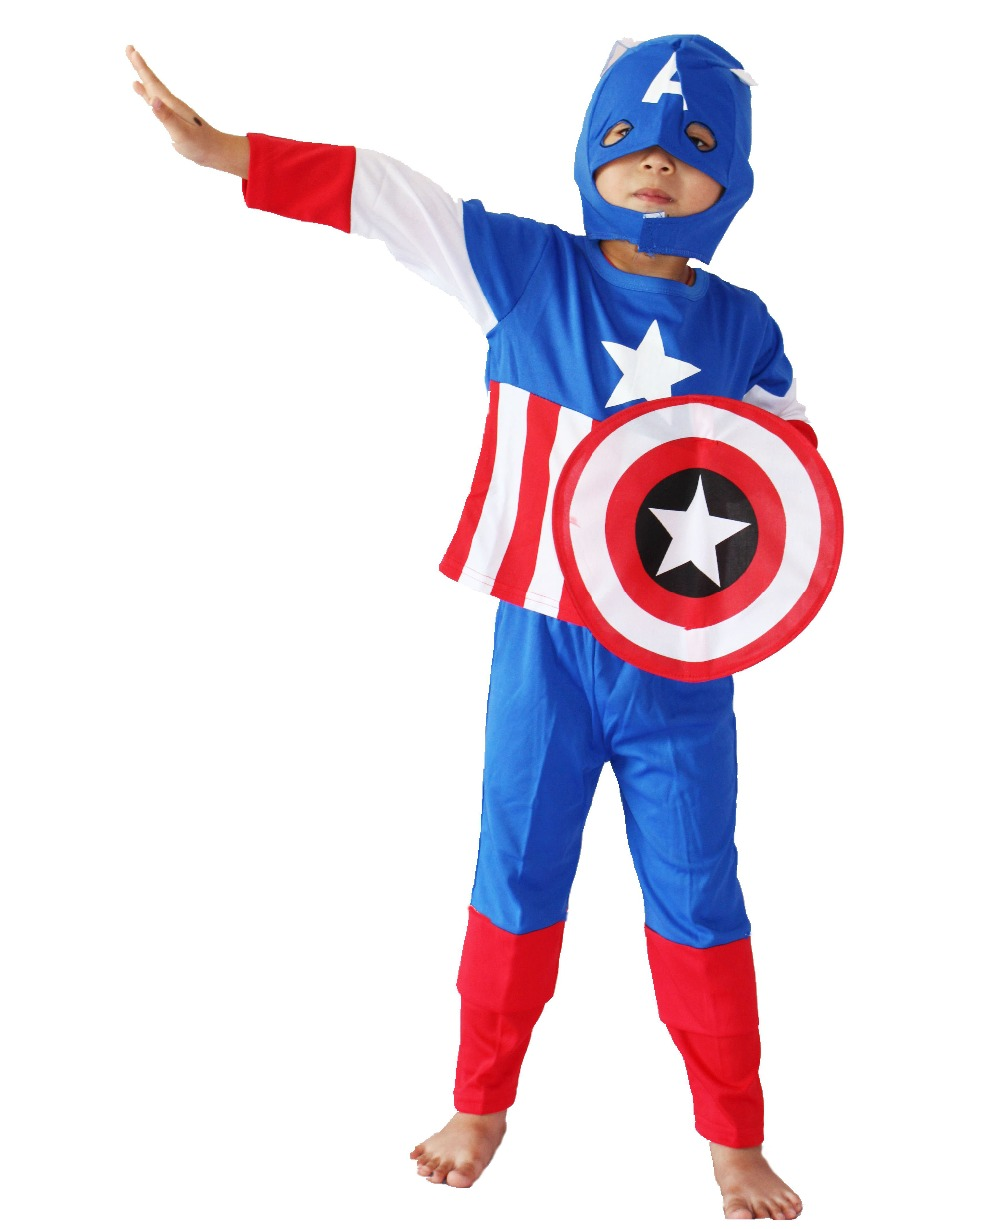 Көтерме сауда / бөлшек сату 3 - 7 жыл Хэллоуин партиясының костюмдері Балалар киім үлгісі киімі, бала Капитан Америка Рөлді киетін киім Ghost